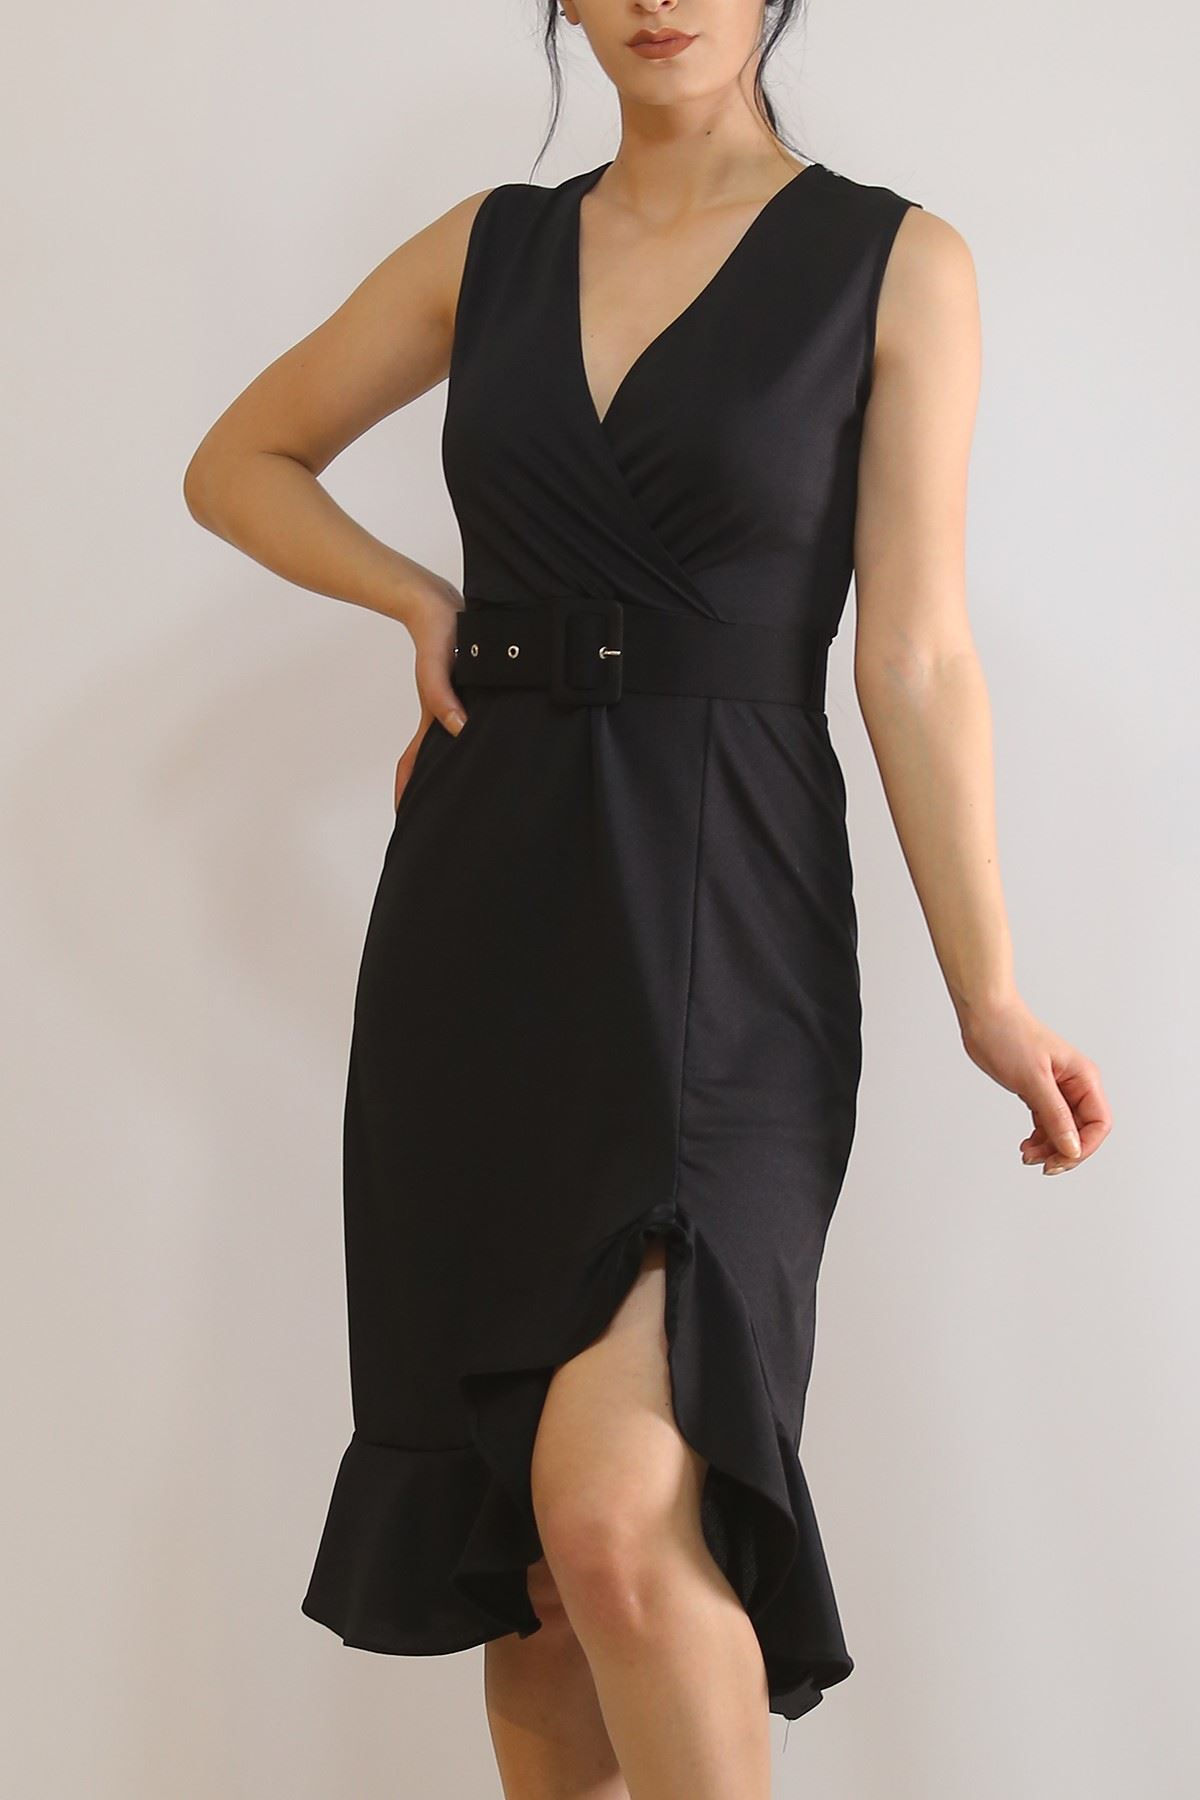 Sıfır Kol Kemerli Elbise Siyah - 5899.1269.